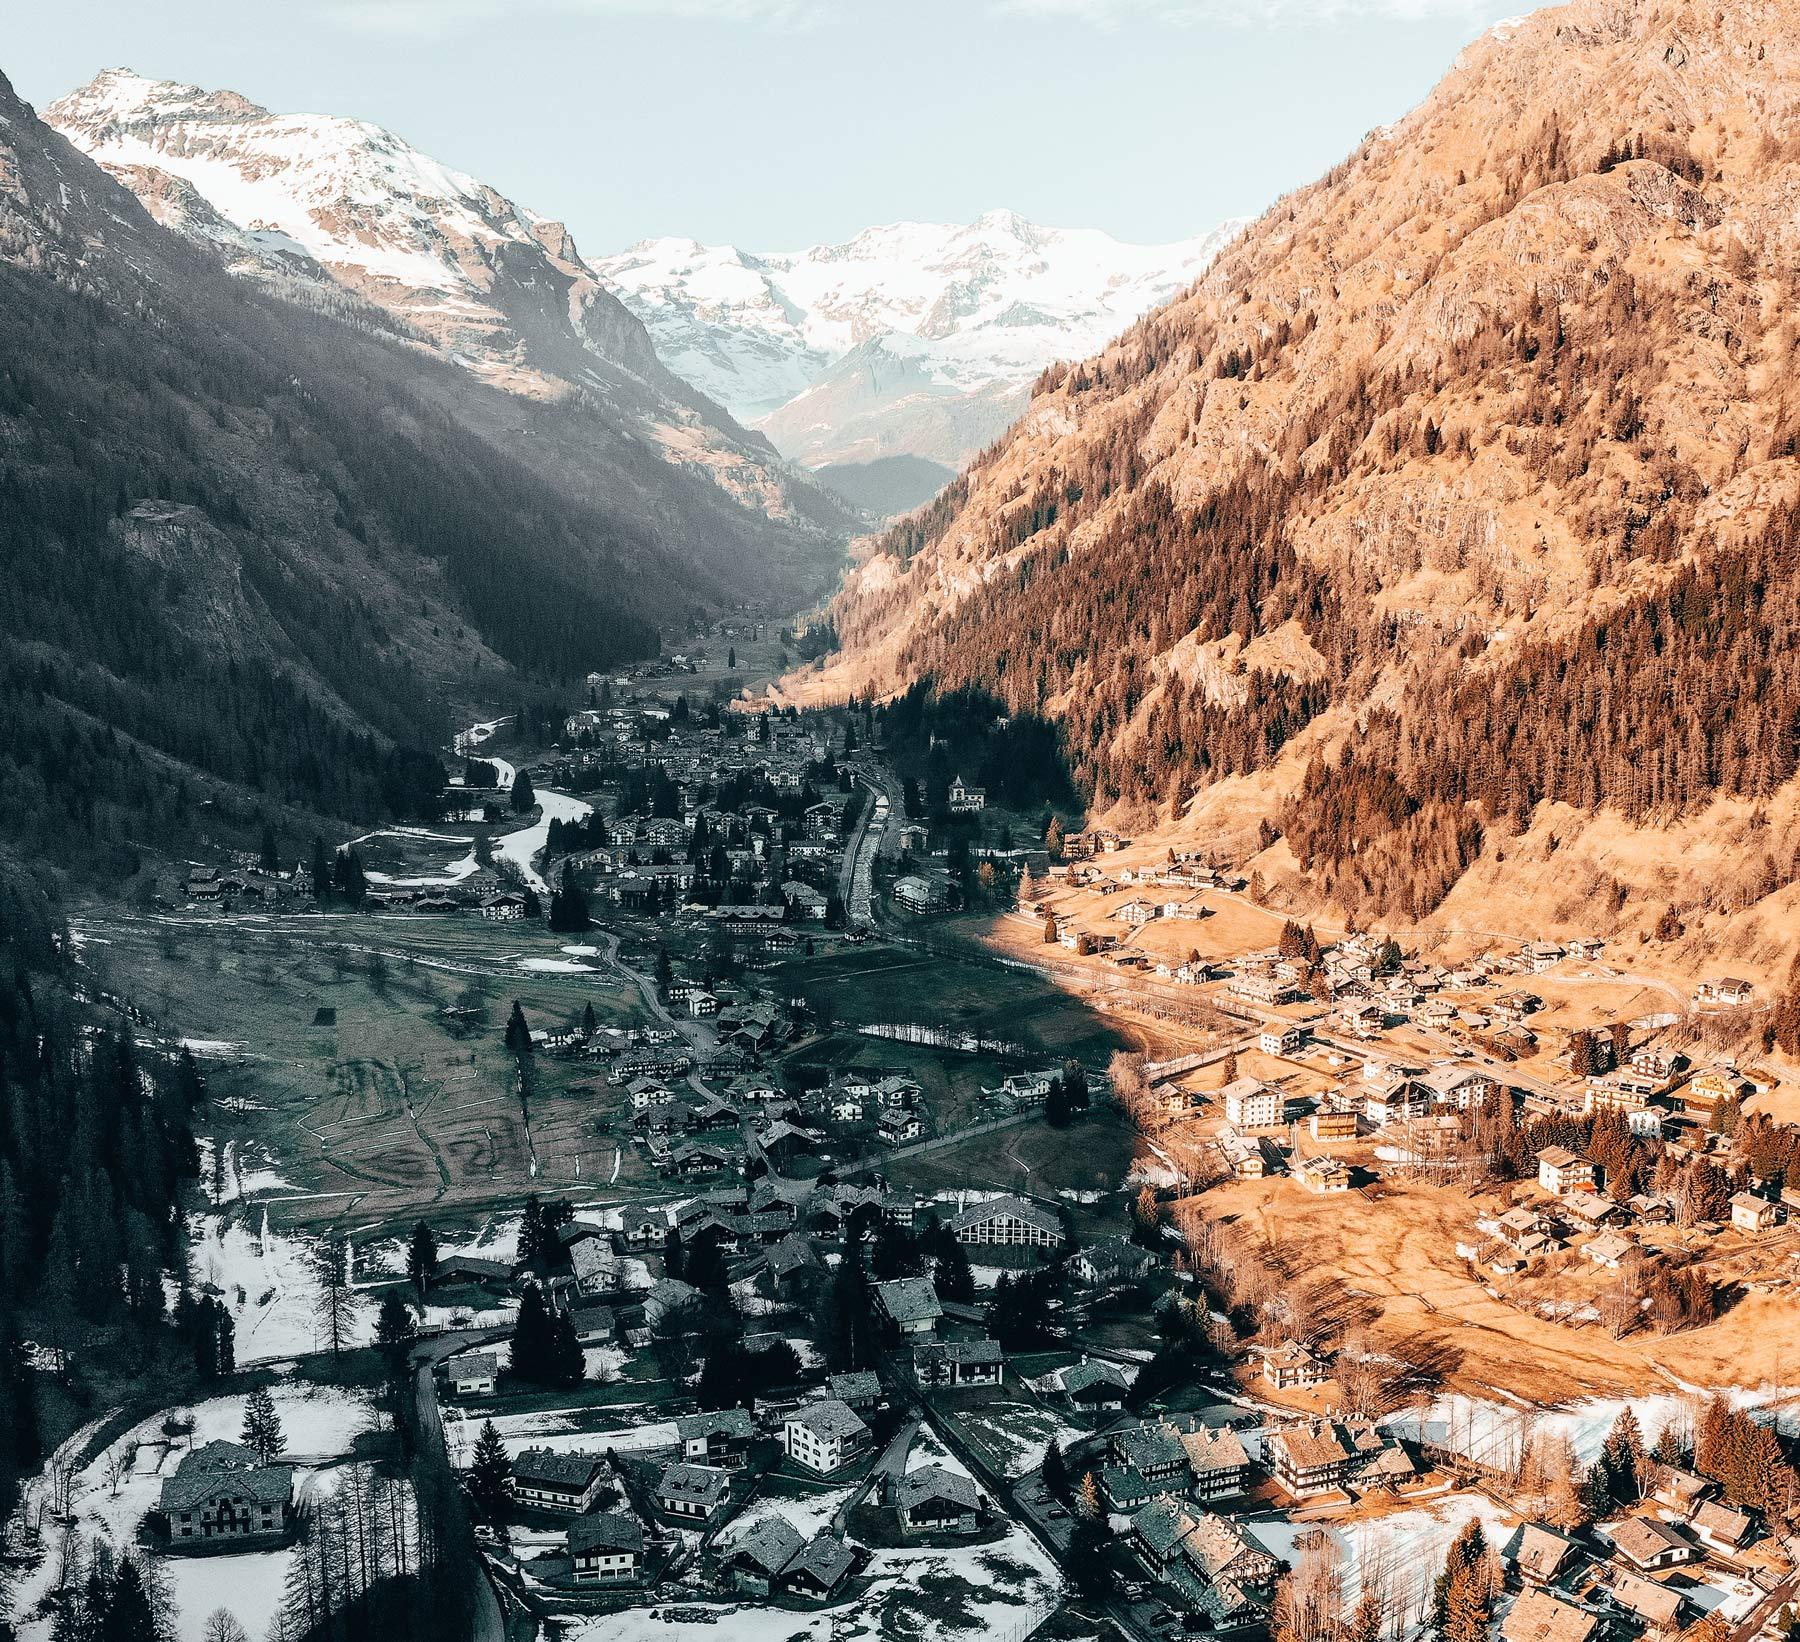 Fumin kommt aus dem Aostatal - einer rauhen Region hoch im Nordwesten Italiens gelegen.